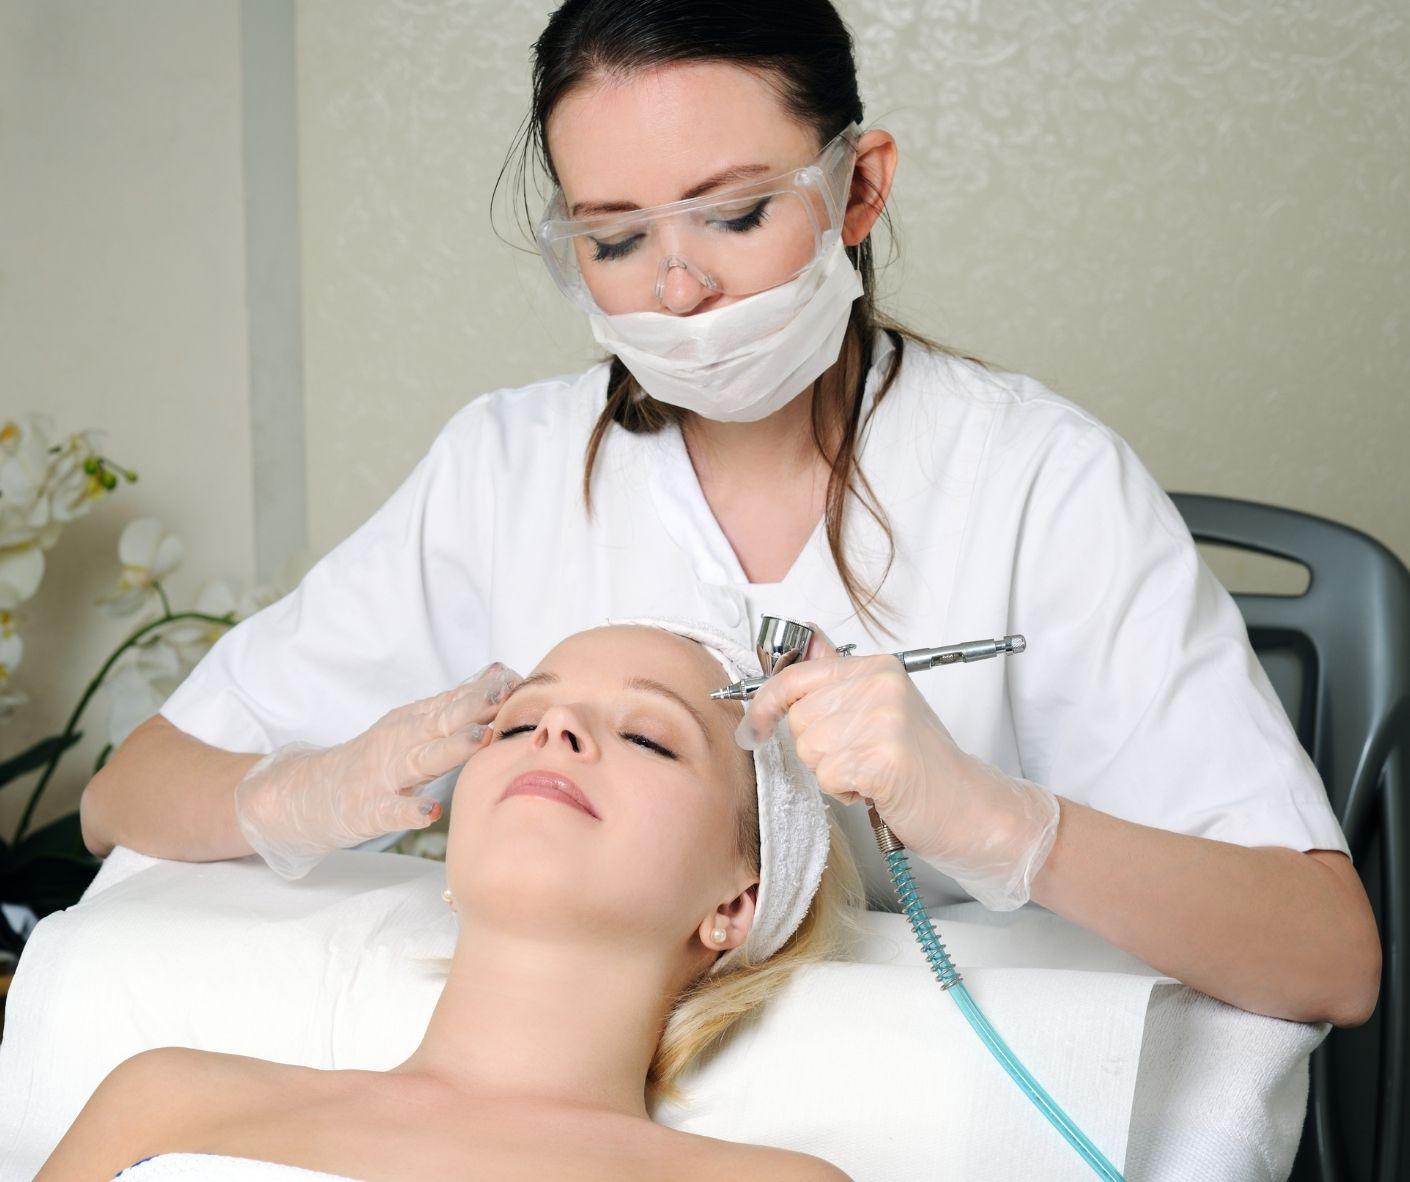 resultados-oxigenoterapia